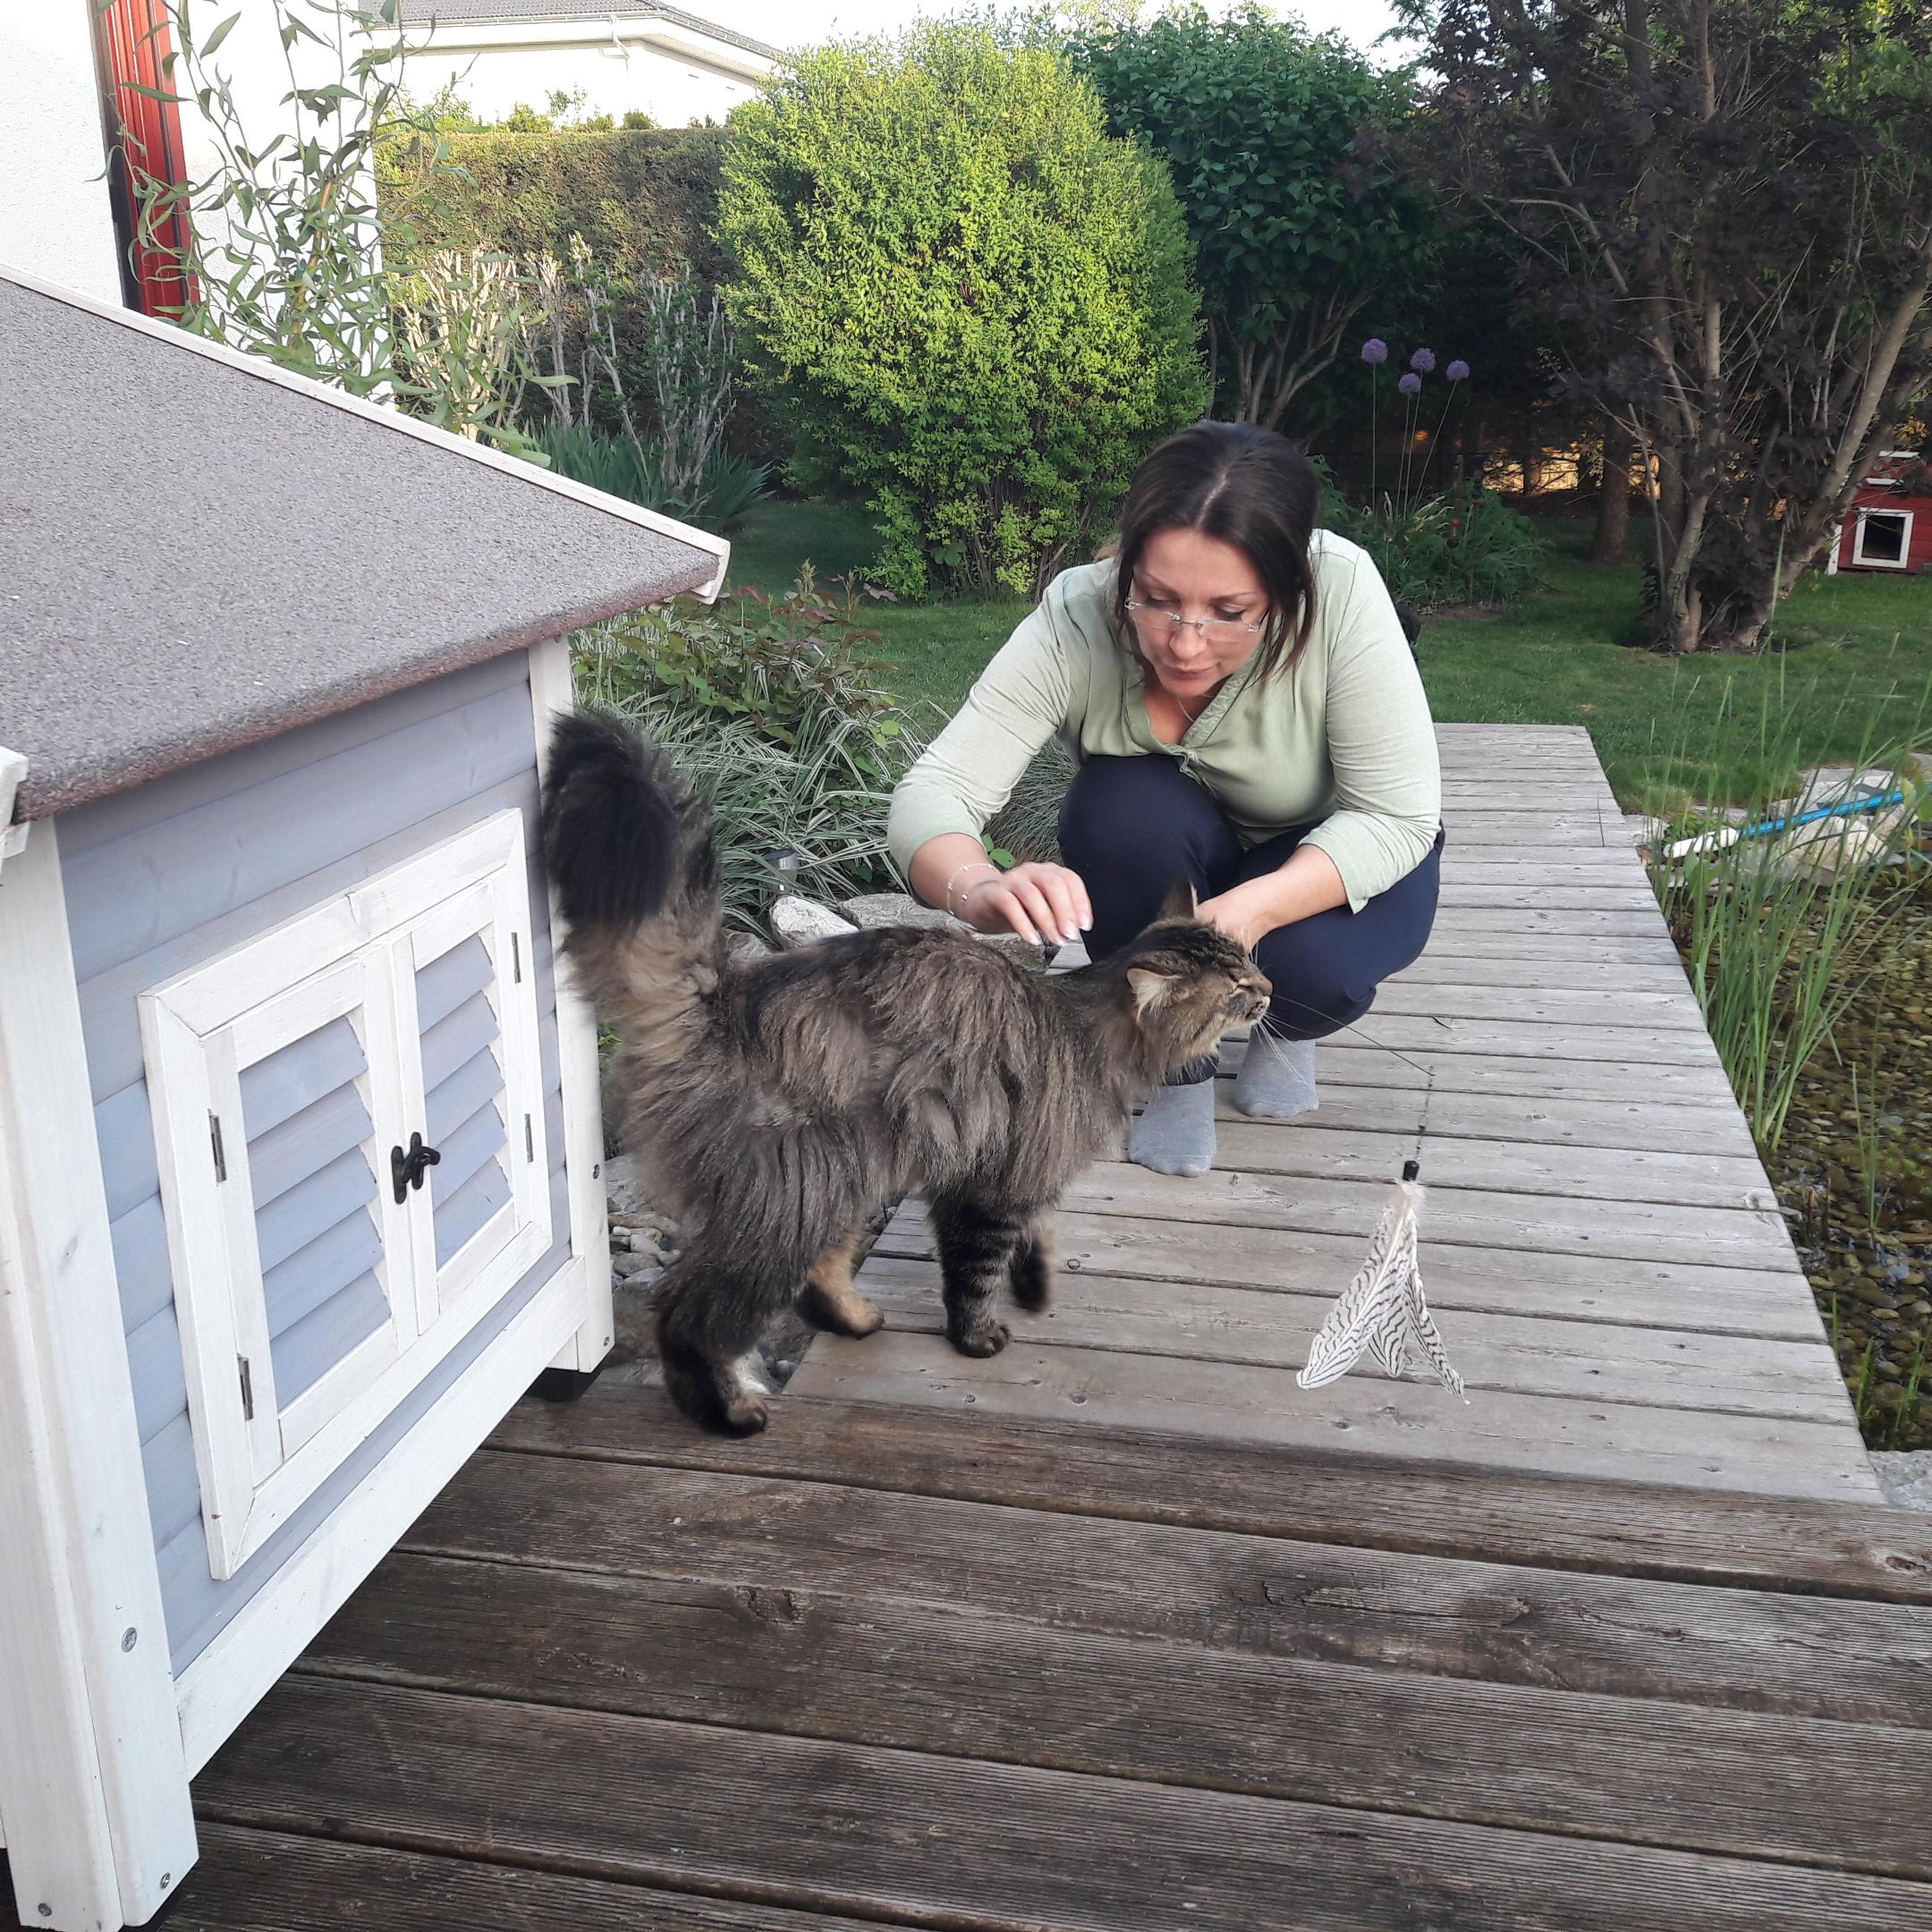 Katzensitter Ausweis mit Trainer Petra Ott @petraott aCATemy Katzenschule